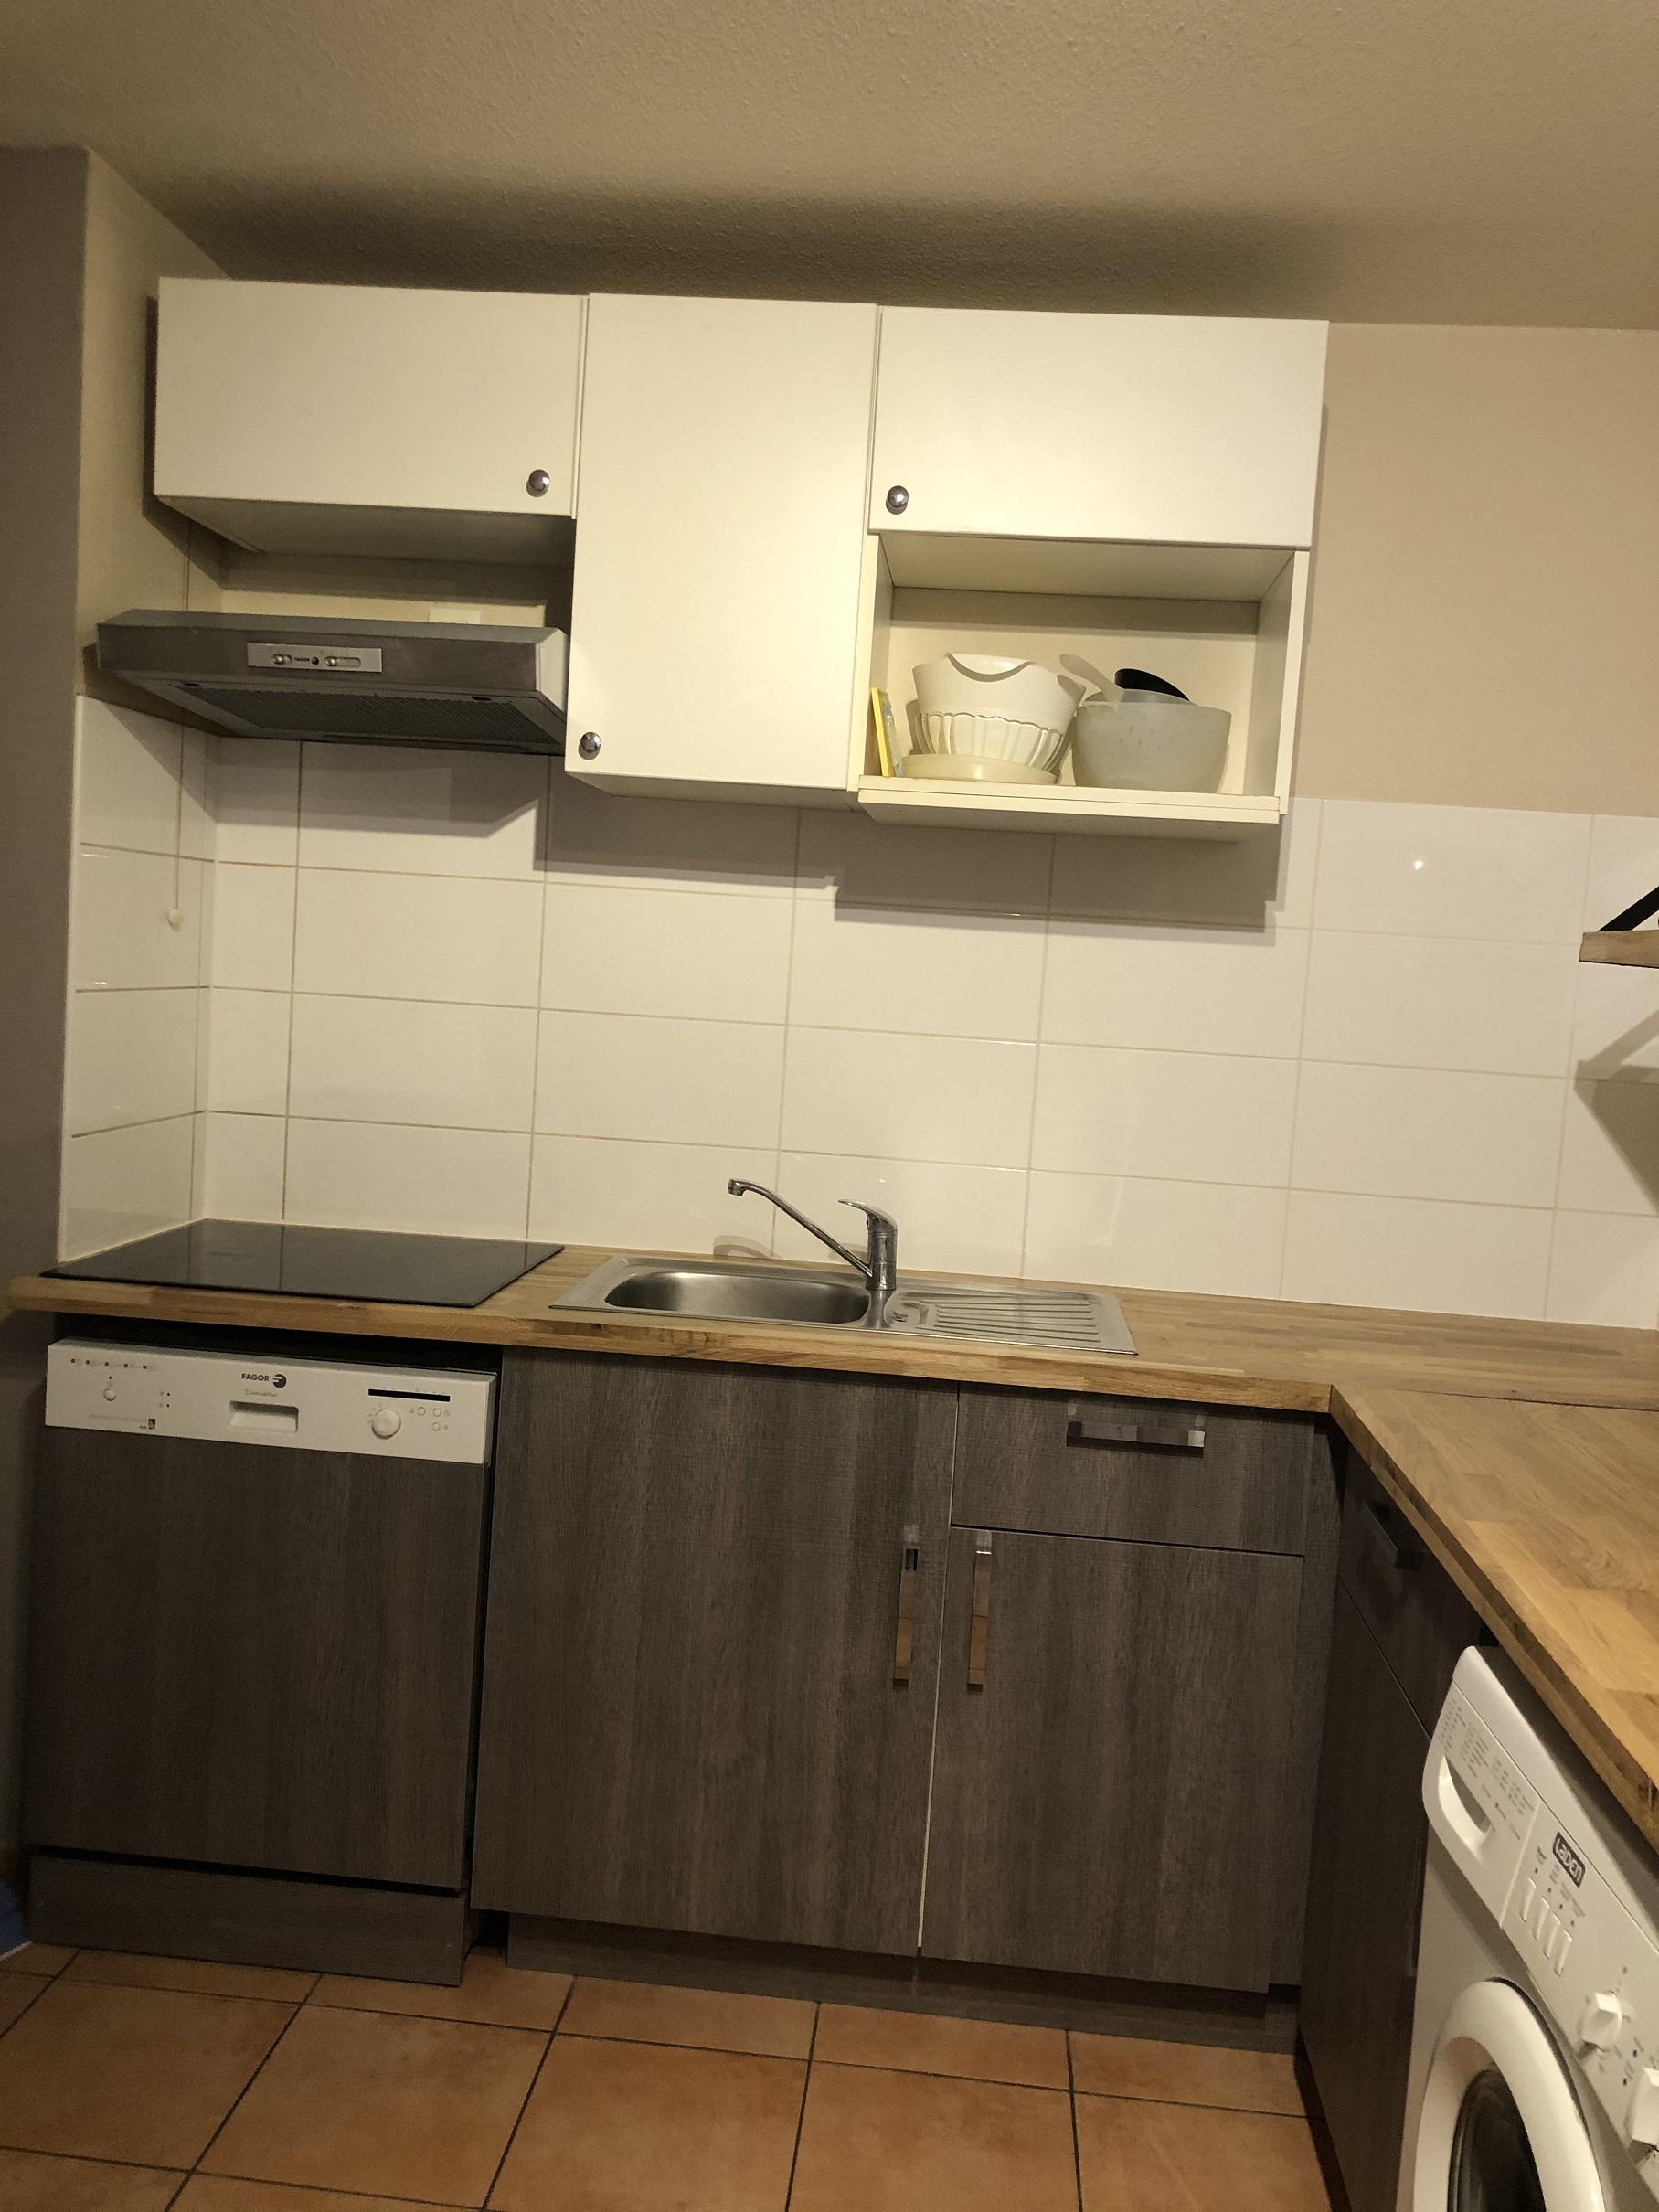 T3 1er étage 53 m2 TOULOUSE Impasse Benoit Arzac Proche centre Métro A Saint Cyprien (230) - 230-06.jpg